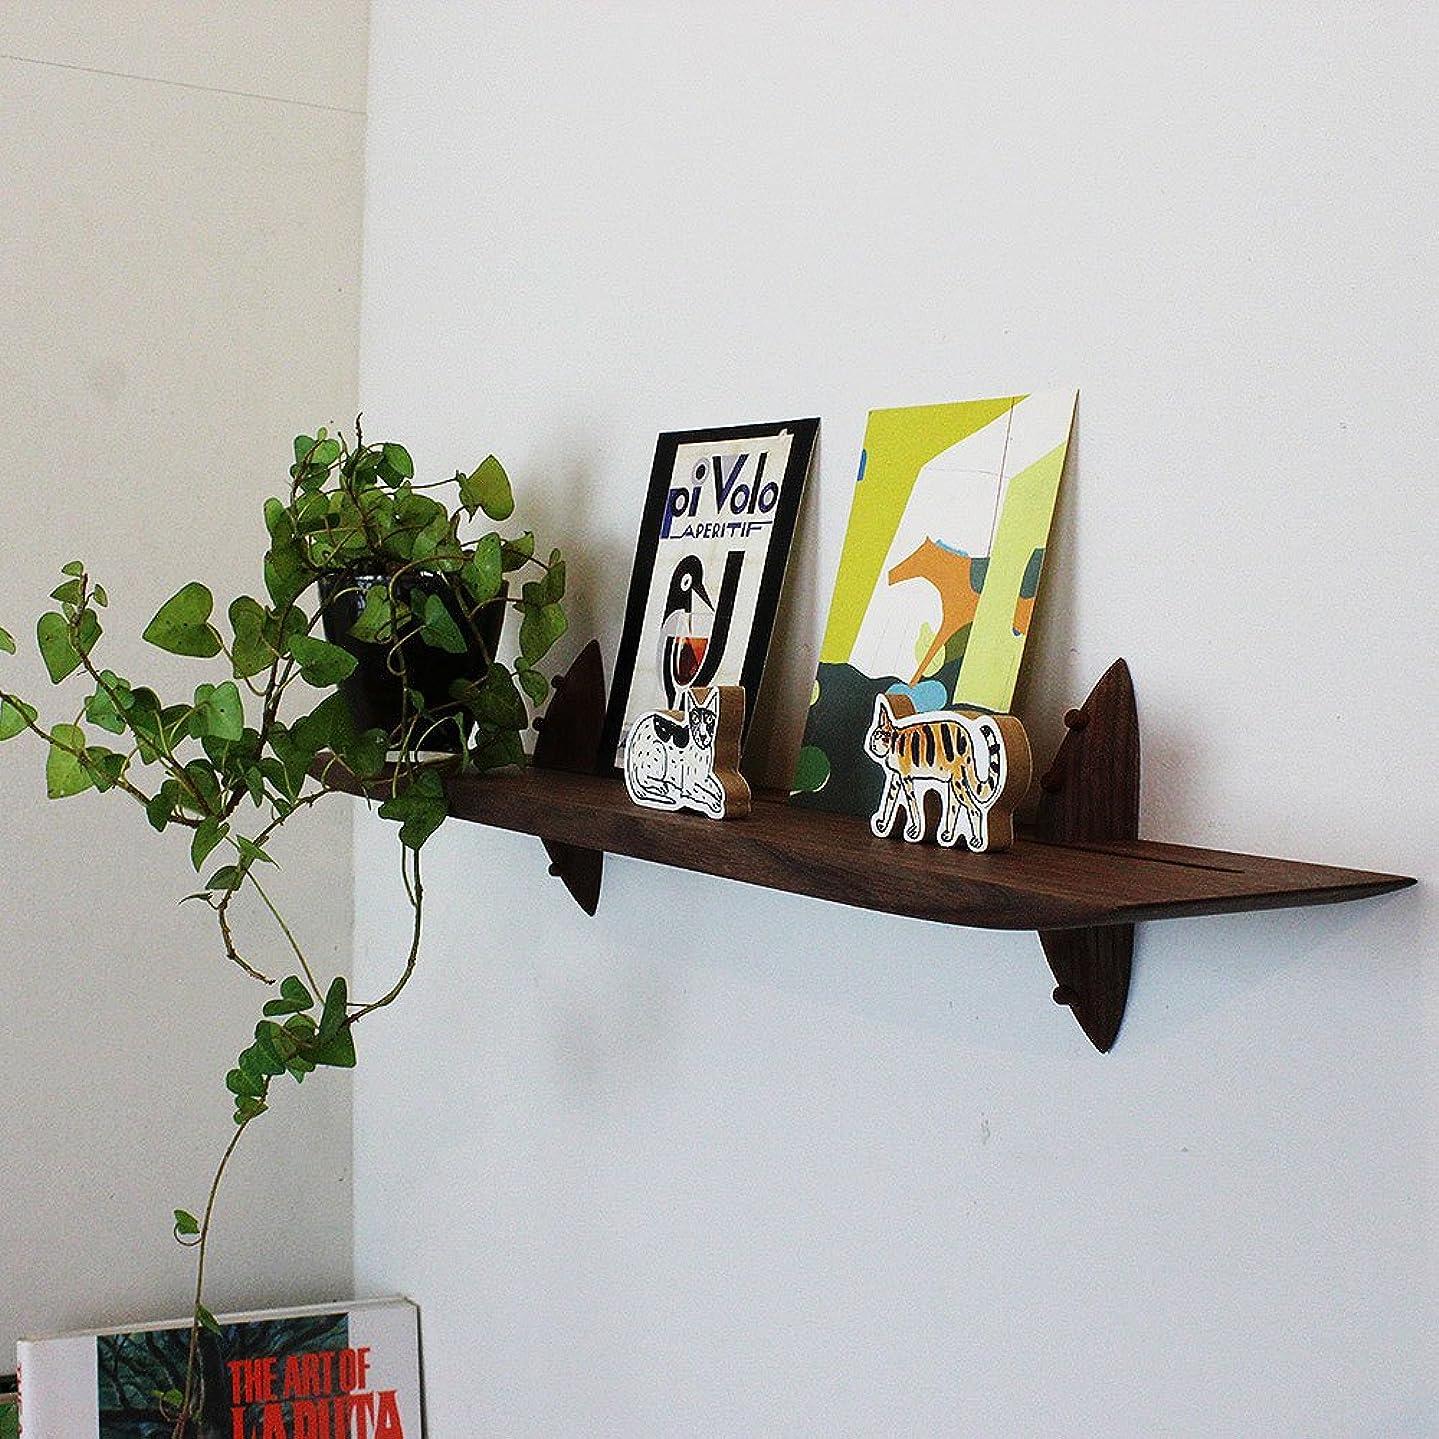 はしご主権者祖母イオリスペース 飾棚 壁掛け 56ウォールナット 木製 おしゃれ ウォールシェルフ